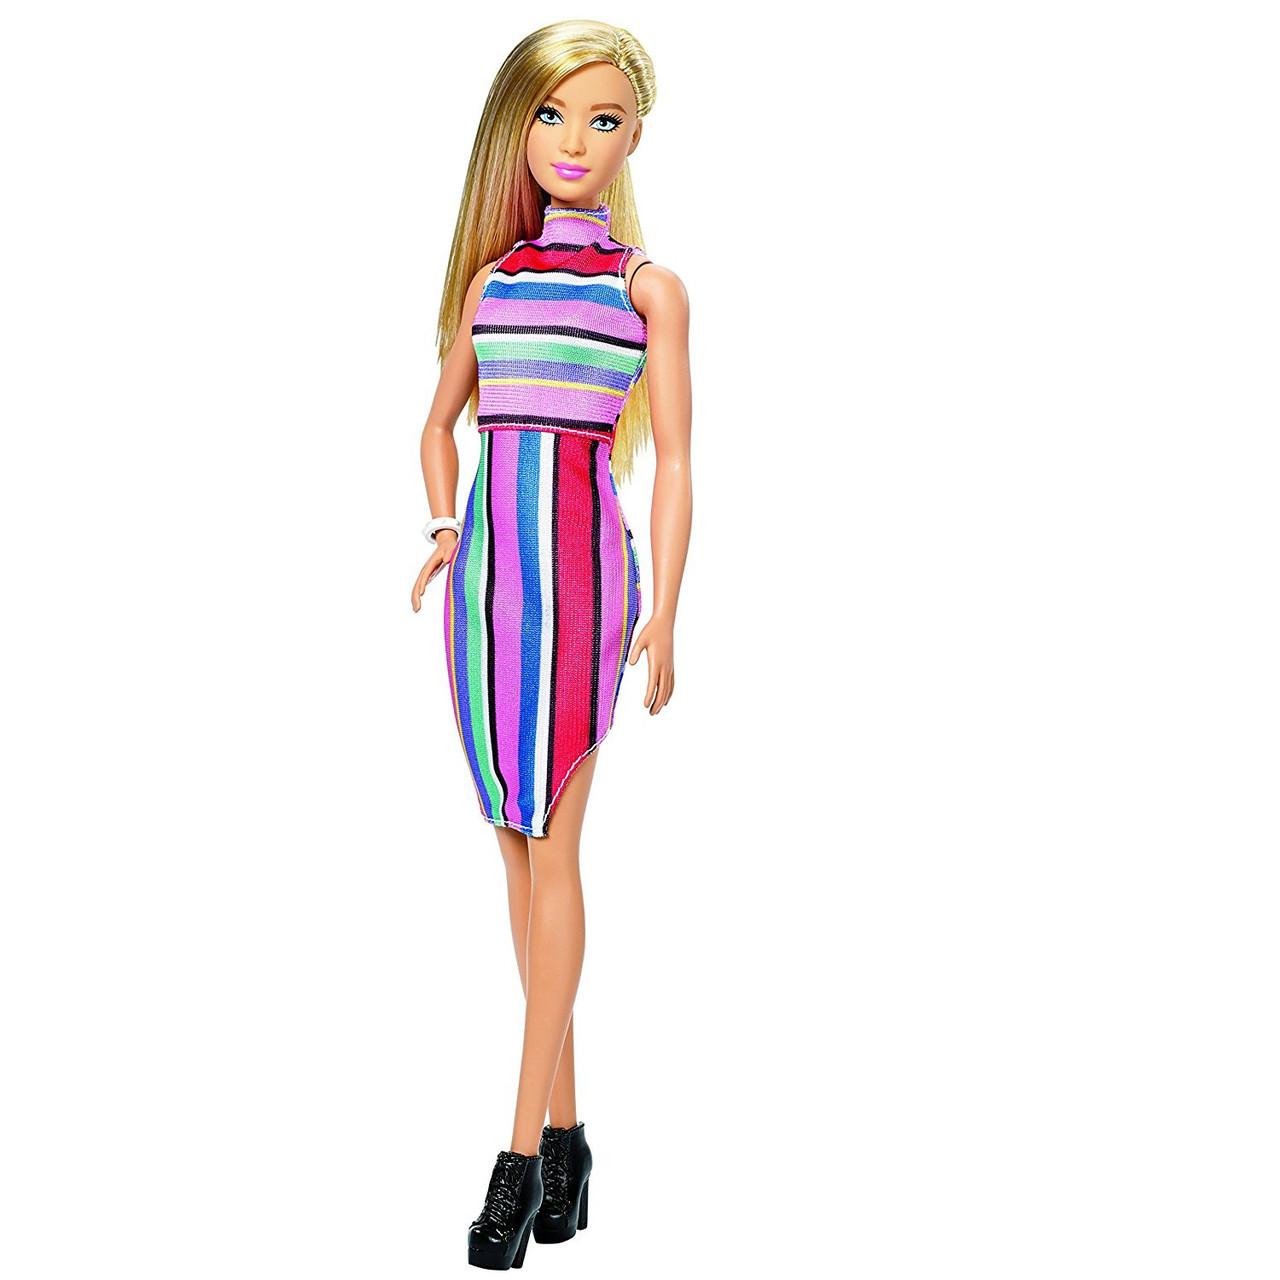 """Barbie """"Игра с модой"""" Кукла Барби Блондинка в полосатом платье #68 (Высокая)"""